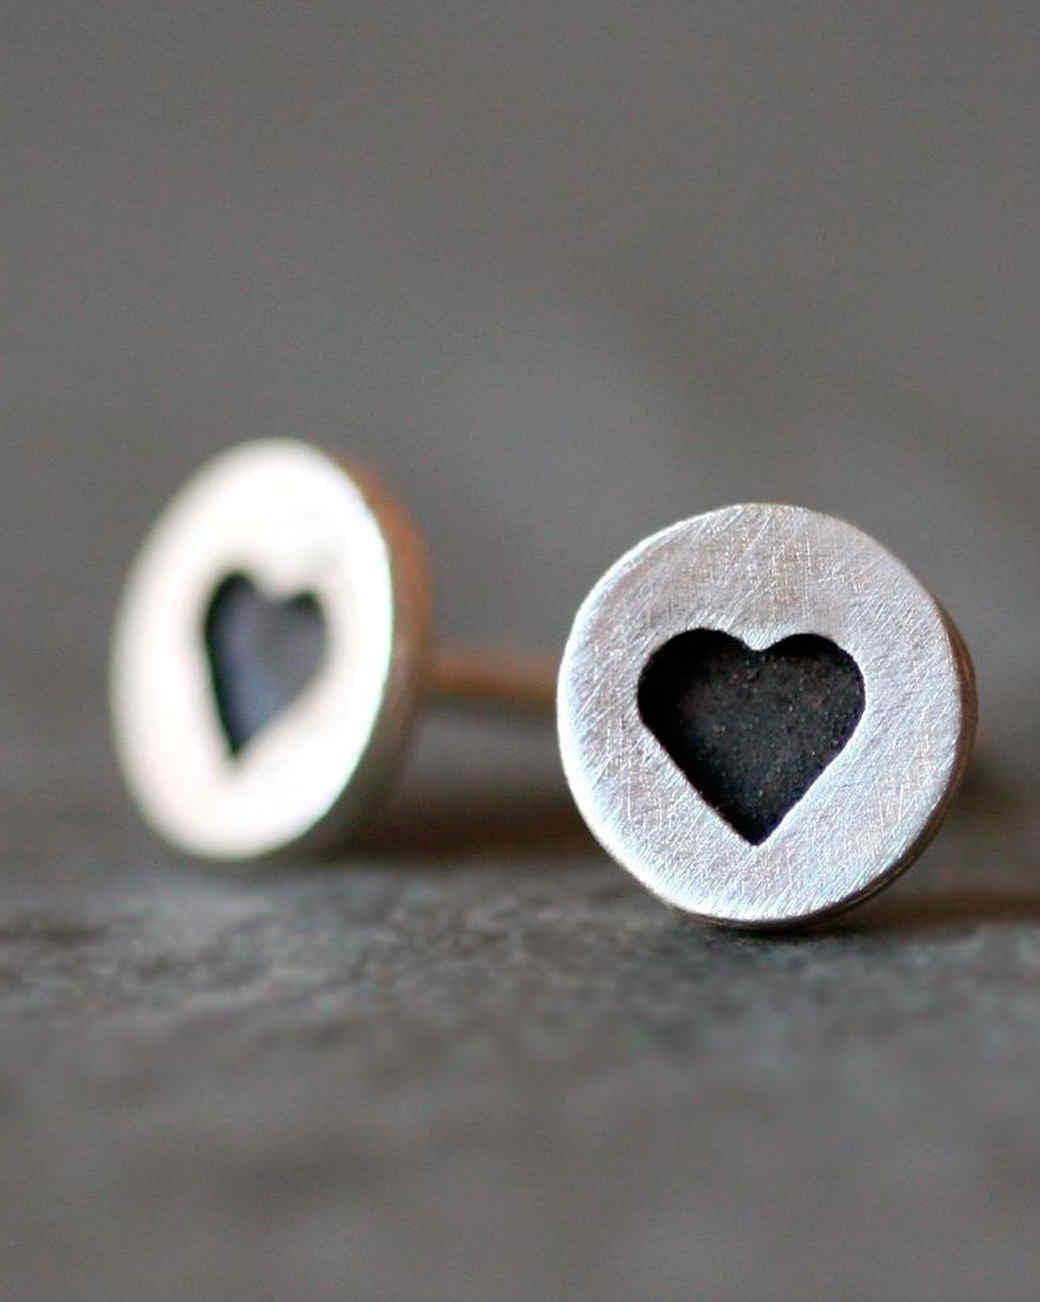 michelle-chang-heart-stud-earrings1015.jpg